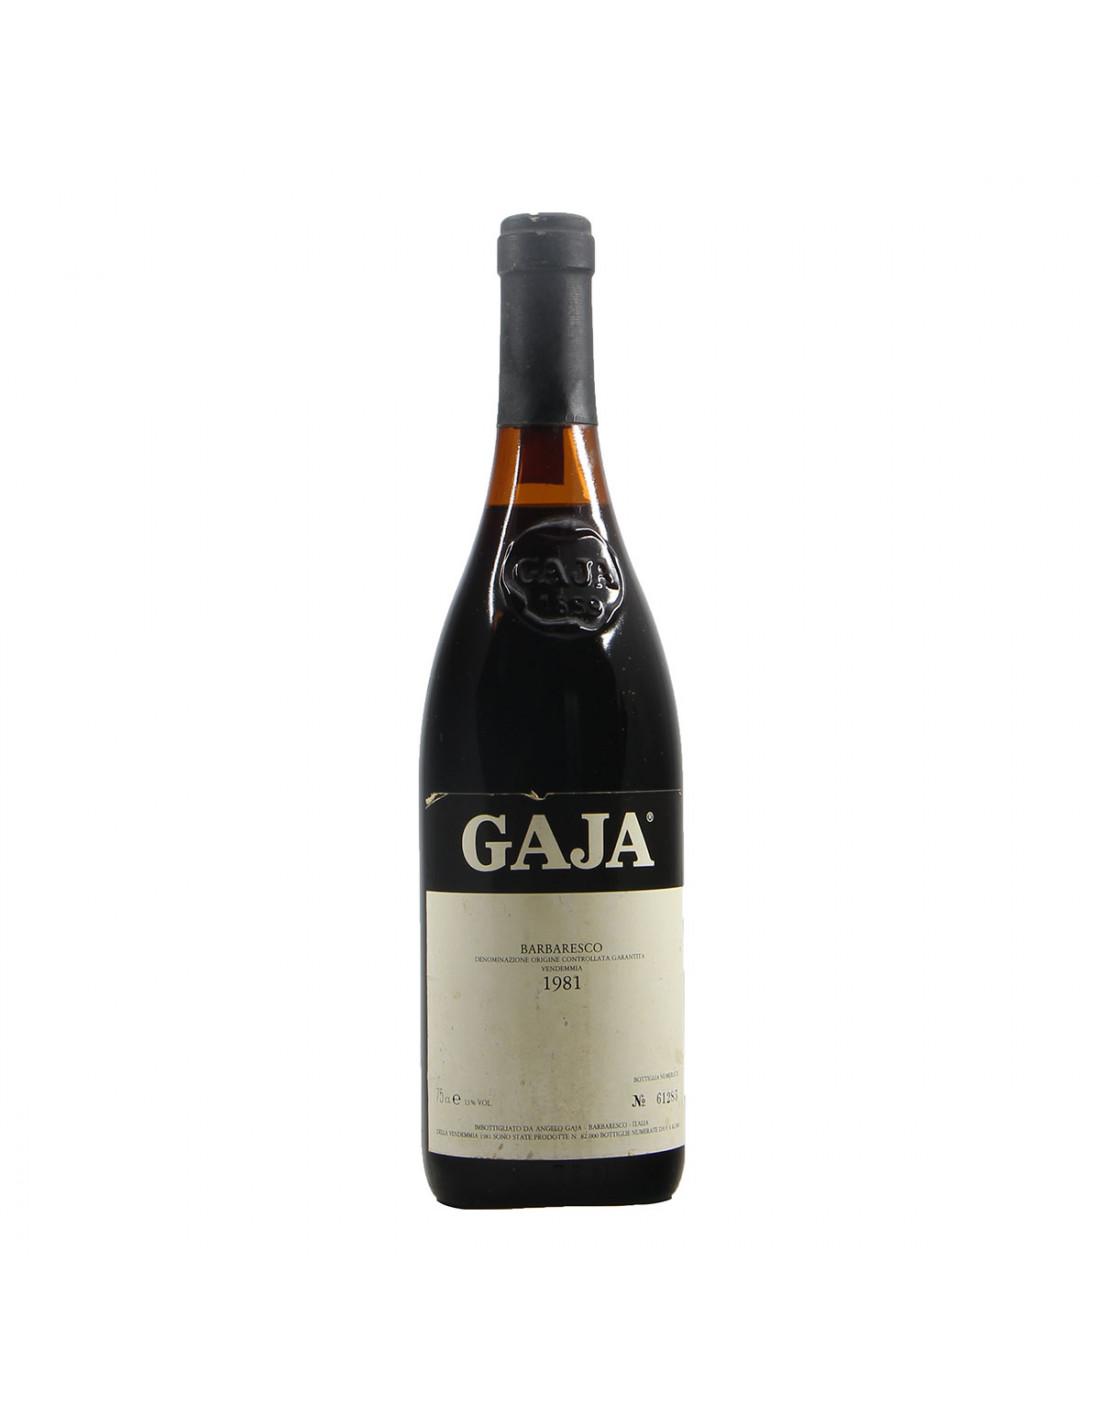 Gaja Barbaresco 1981 Grandi Bottiglie